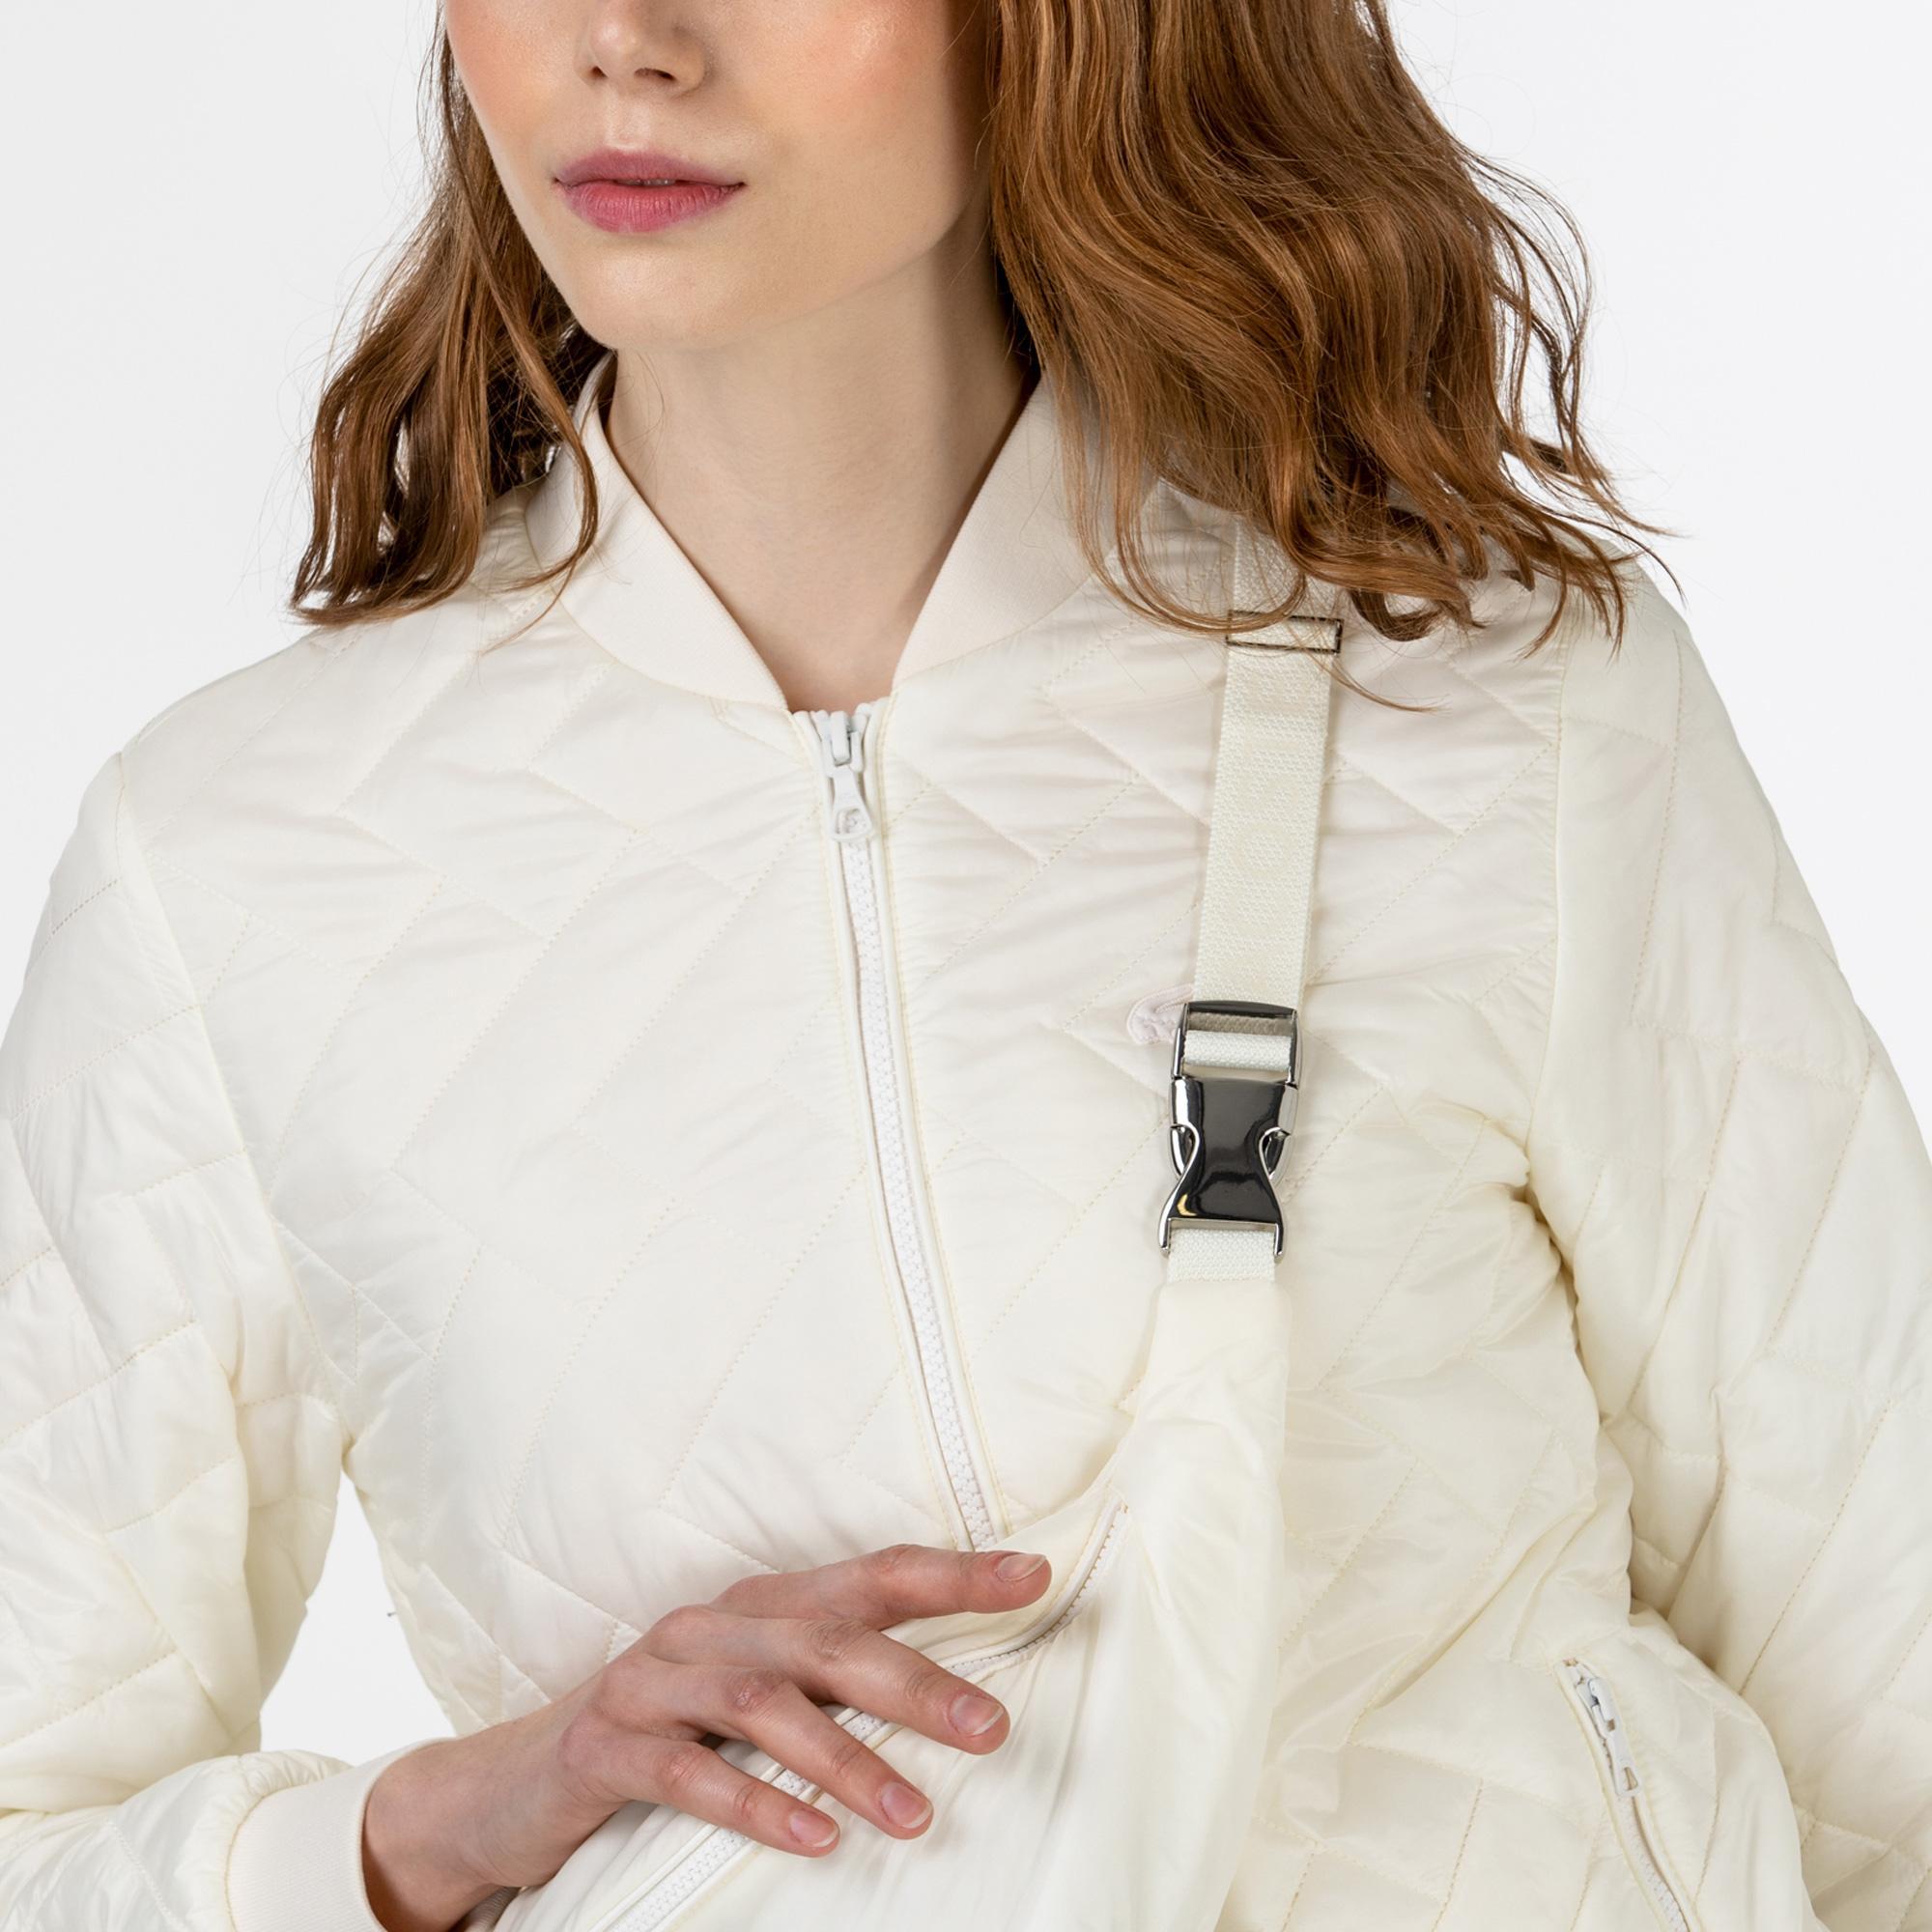 Lacoste Women's Jacket